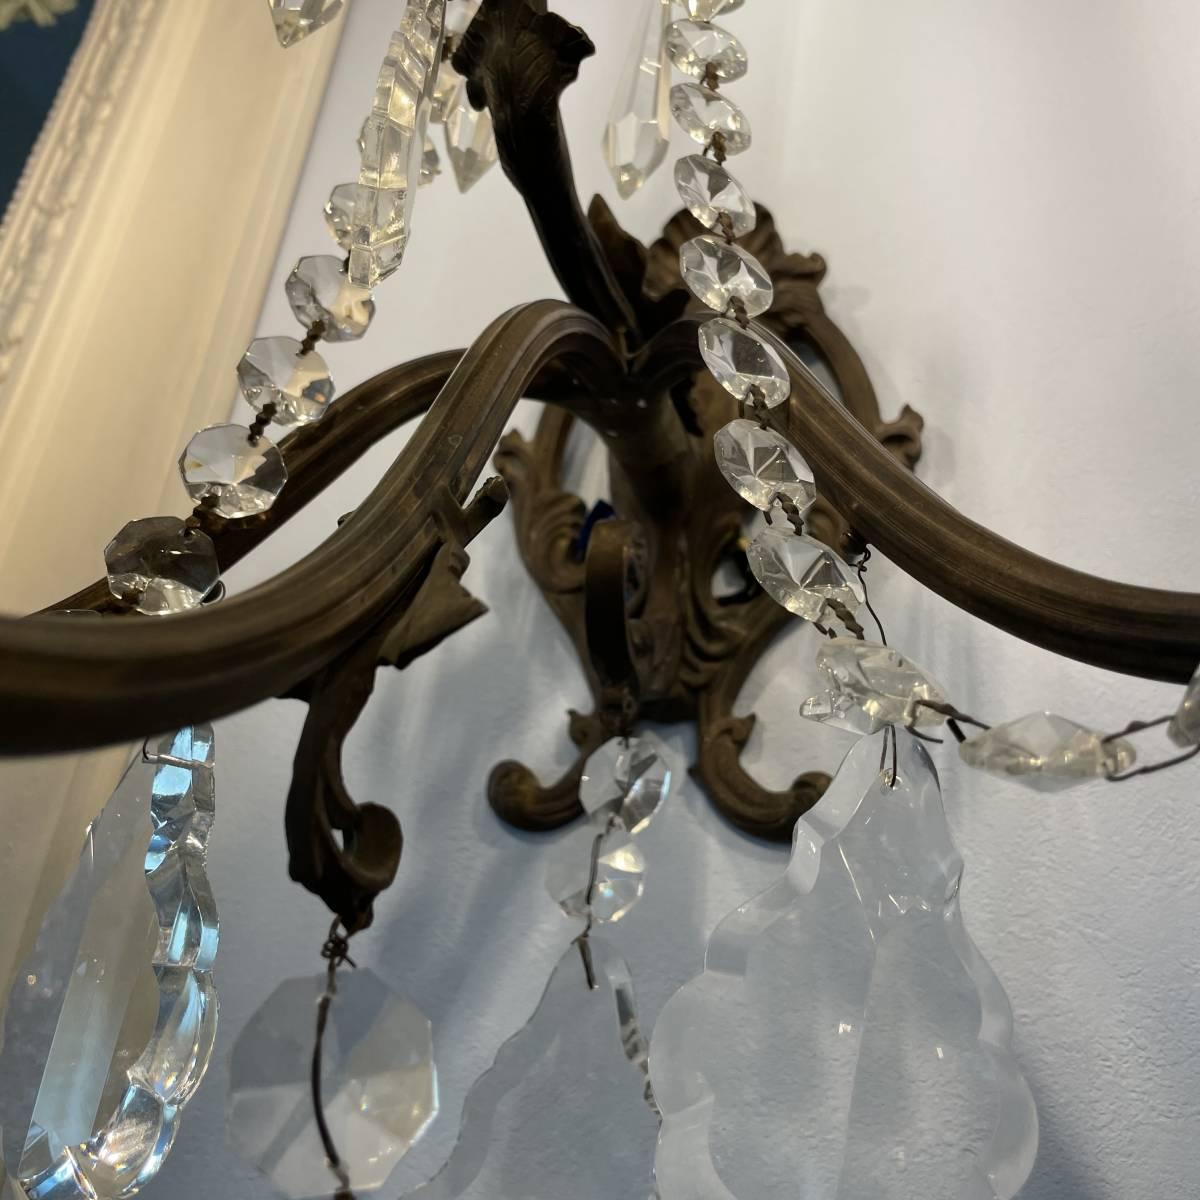 フランスアンティーク ブラケットペア 壁掛け照明 アンティーク照明 アンティークシャンデリア ガラスドロップ 壁掛けシャンデリア _インテリアの華やかなポイントになる照明